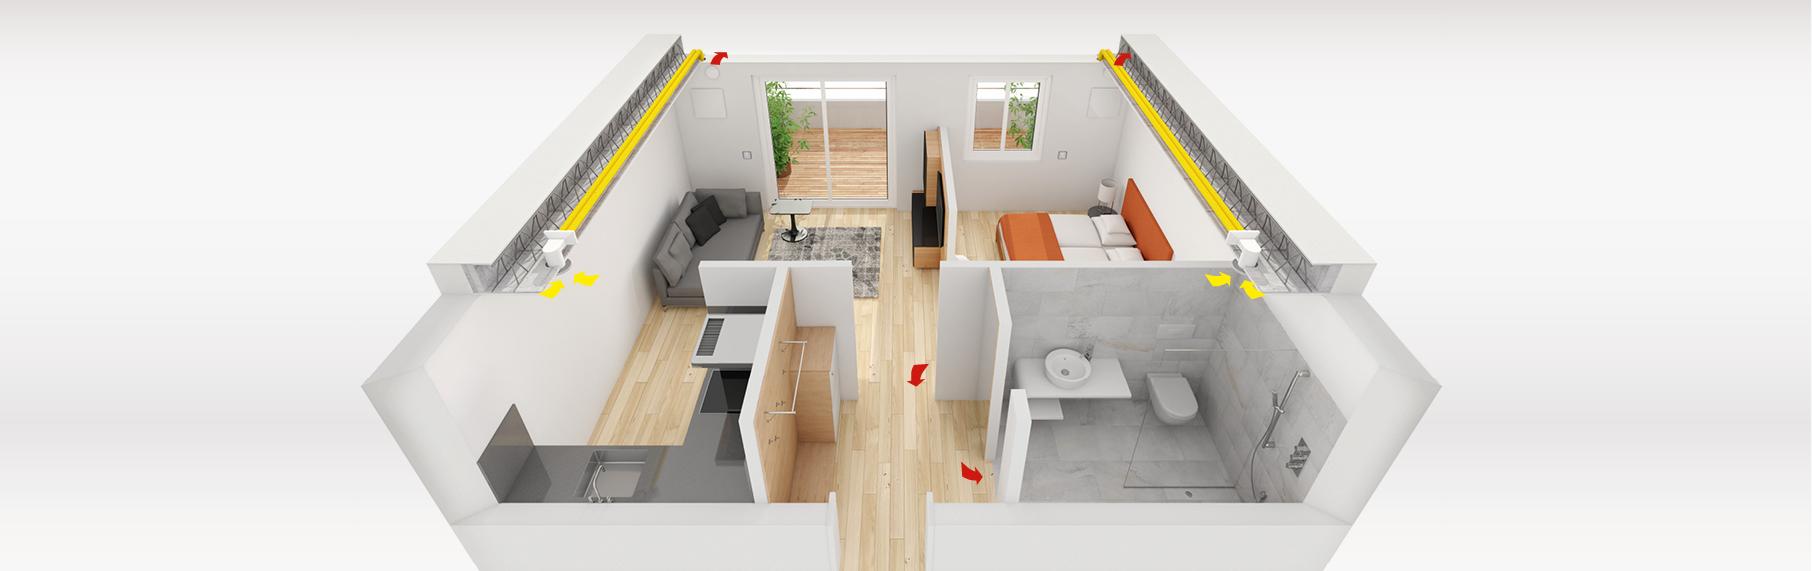 Gut bekannt Einbauvarianten für die Dezentrale Wohnraumlüftung - Meltem HE98